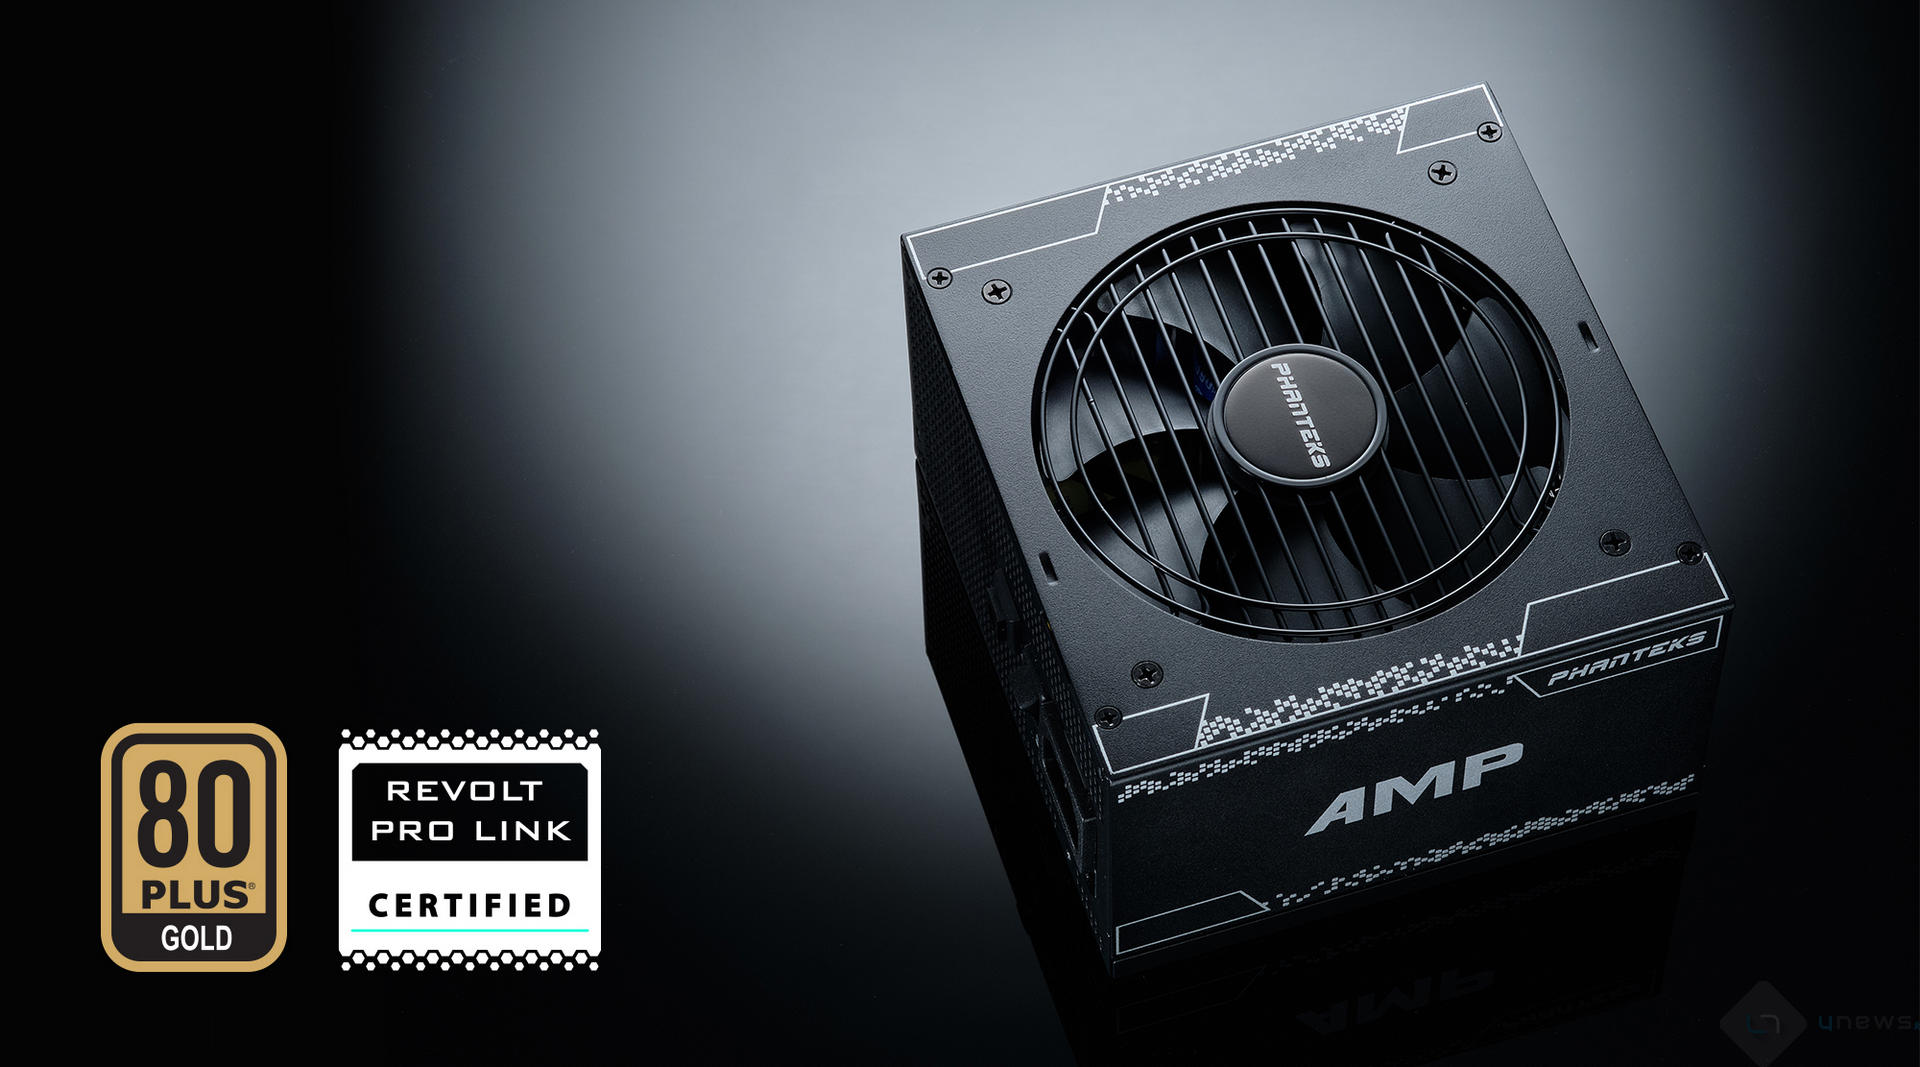 Phanteks AMP PSU